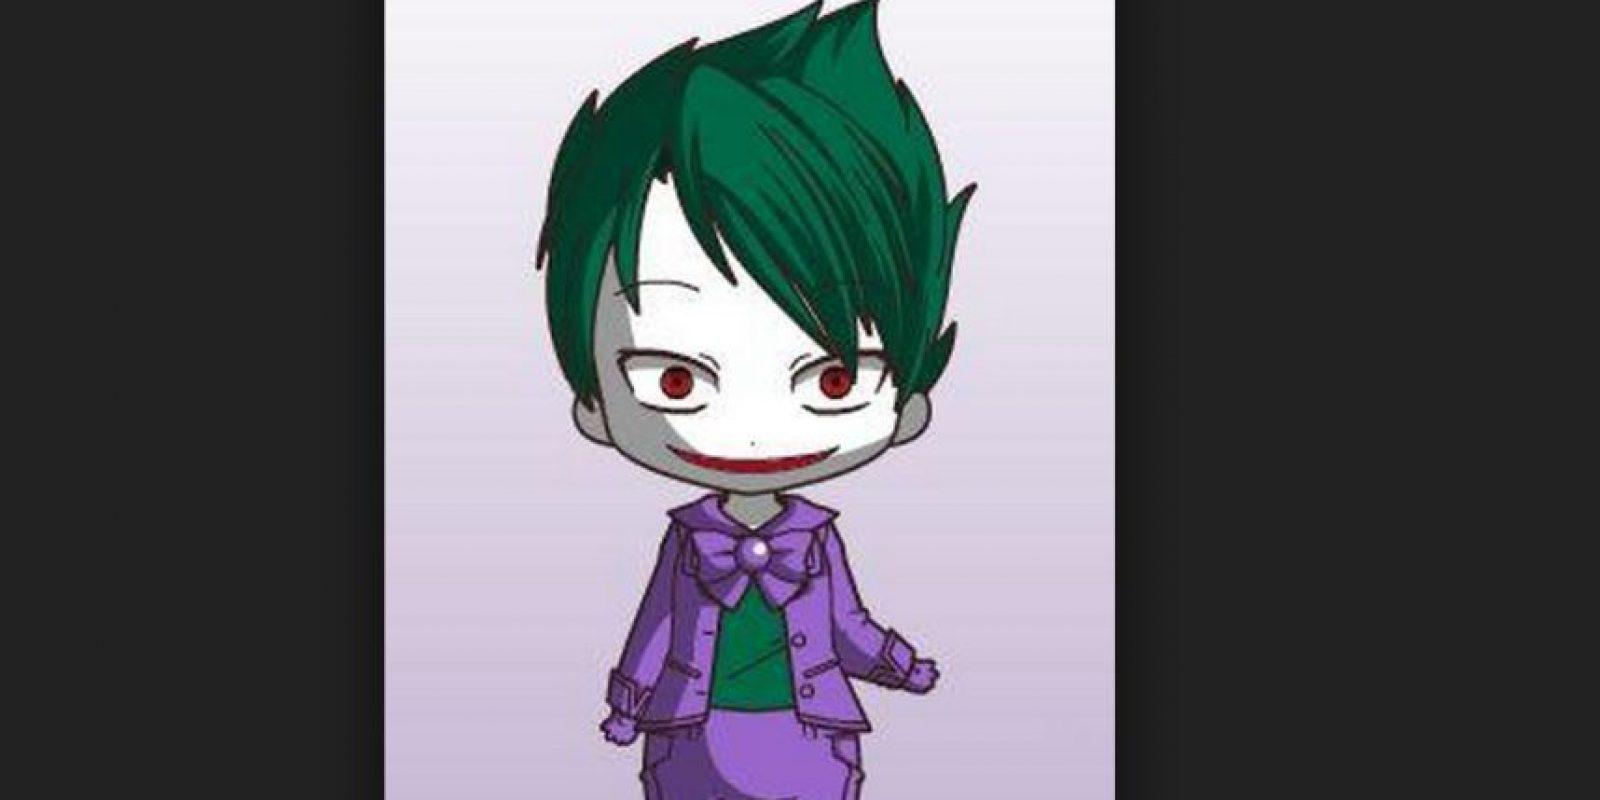 """Existen una gran variedad de """"Joker"""" en todo el mundo, ya que es muy popular por su personalidad, historia y violencia extrema Foto:fc05.deviantart.net/fs71/f/2014/"""